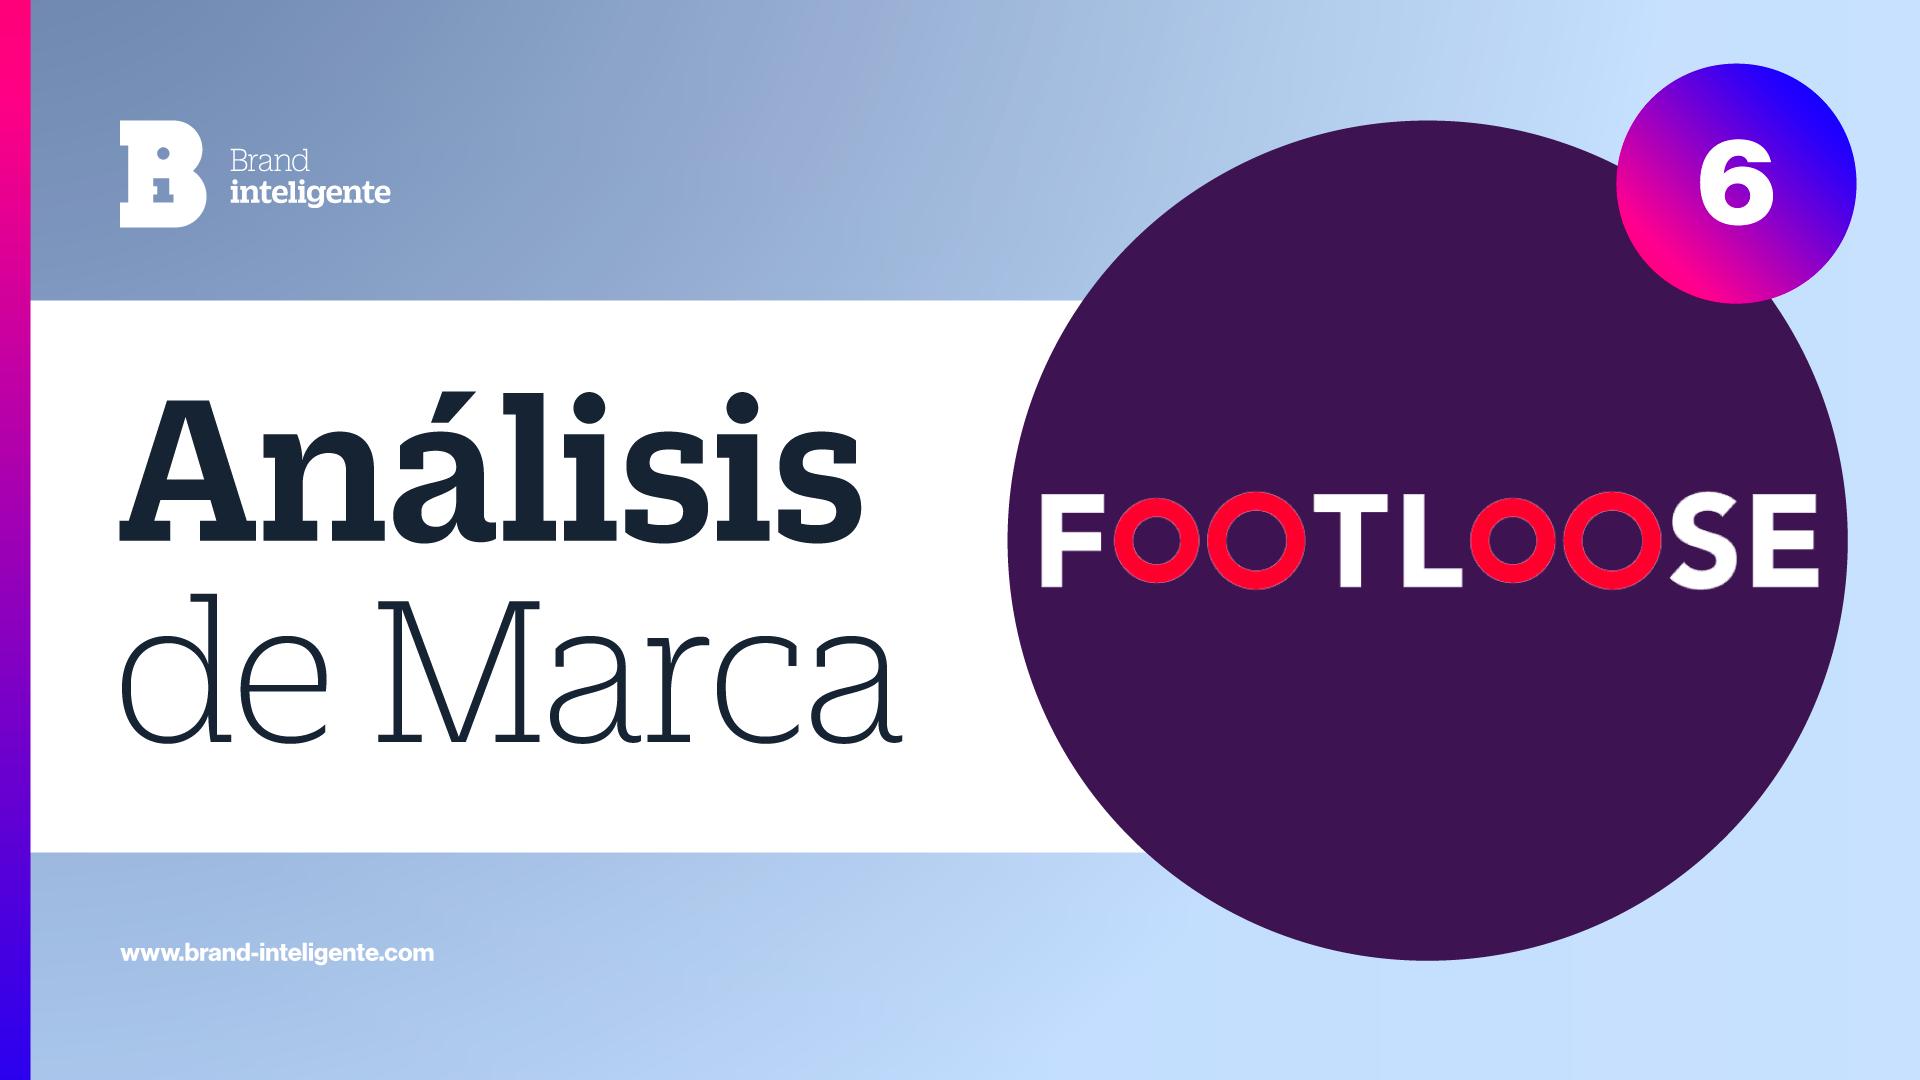 Análisis de marca: Footloose